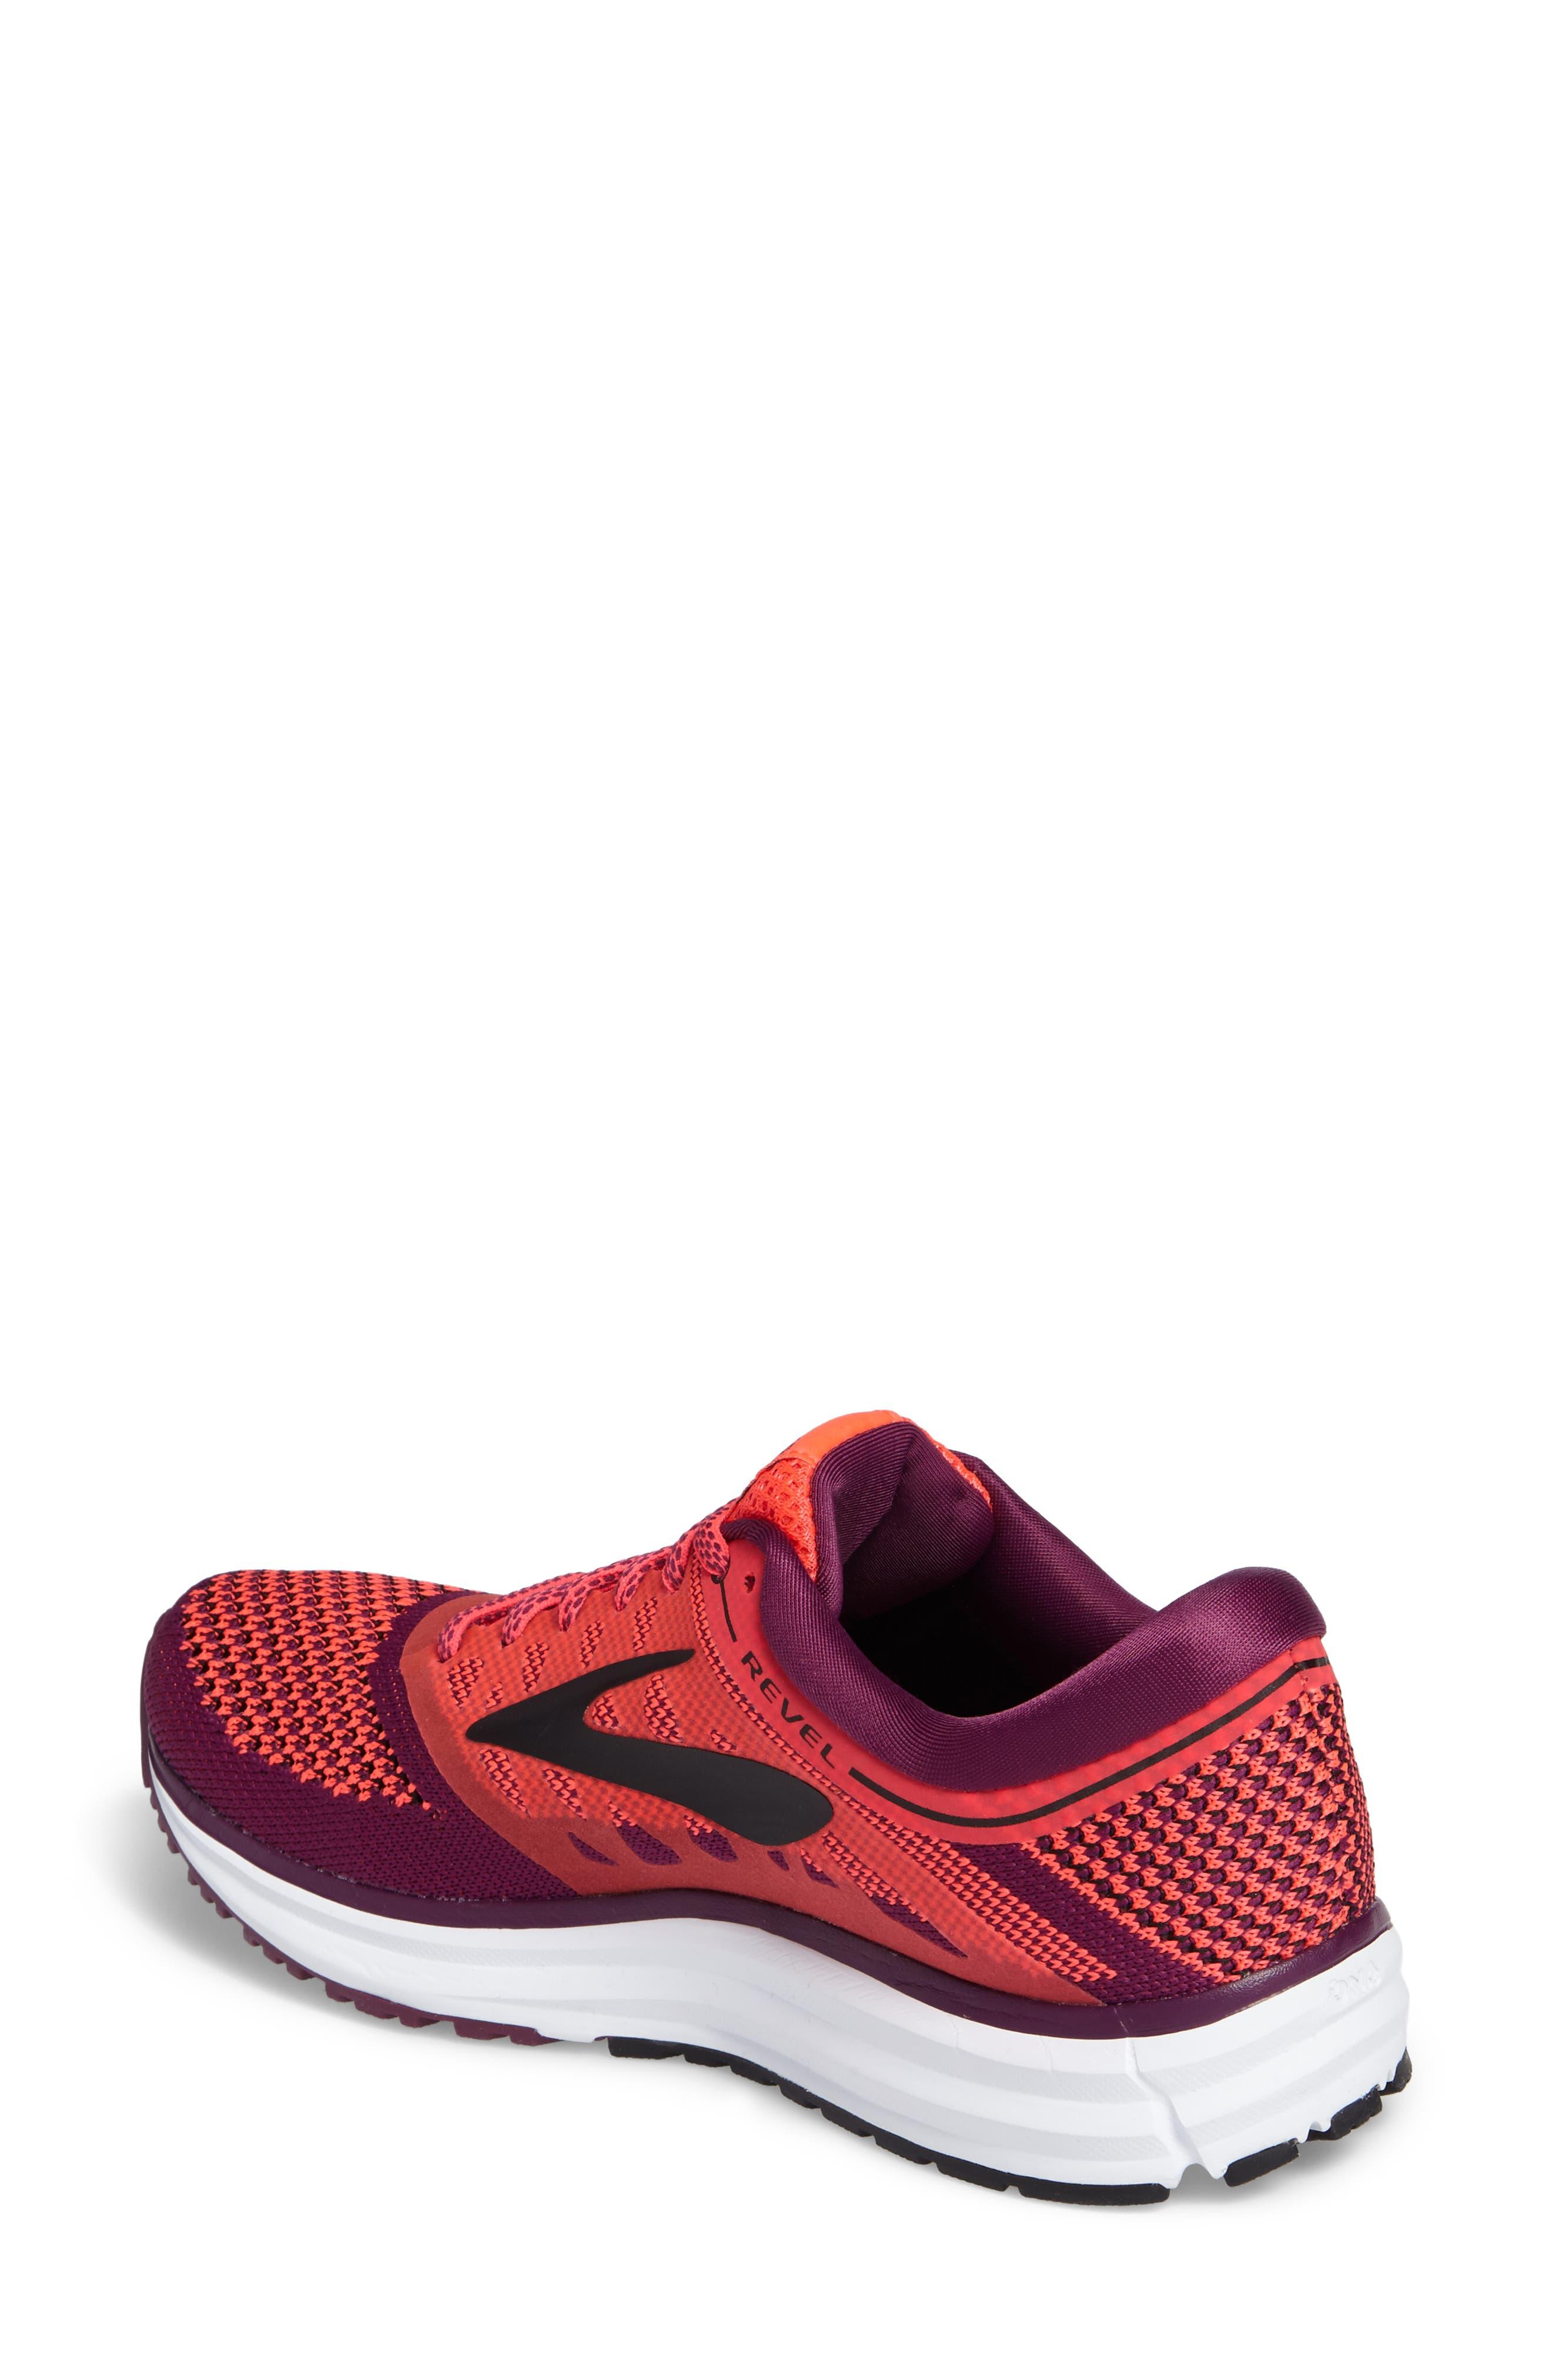 Revel Running Shoe,                             Alternate thumbnail 12, color,